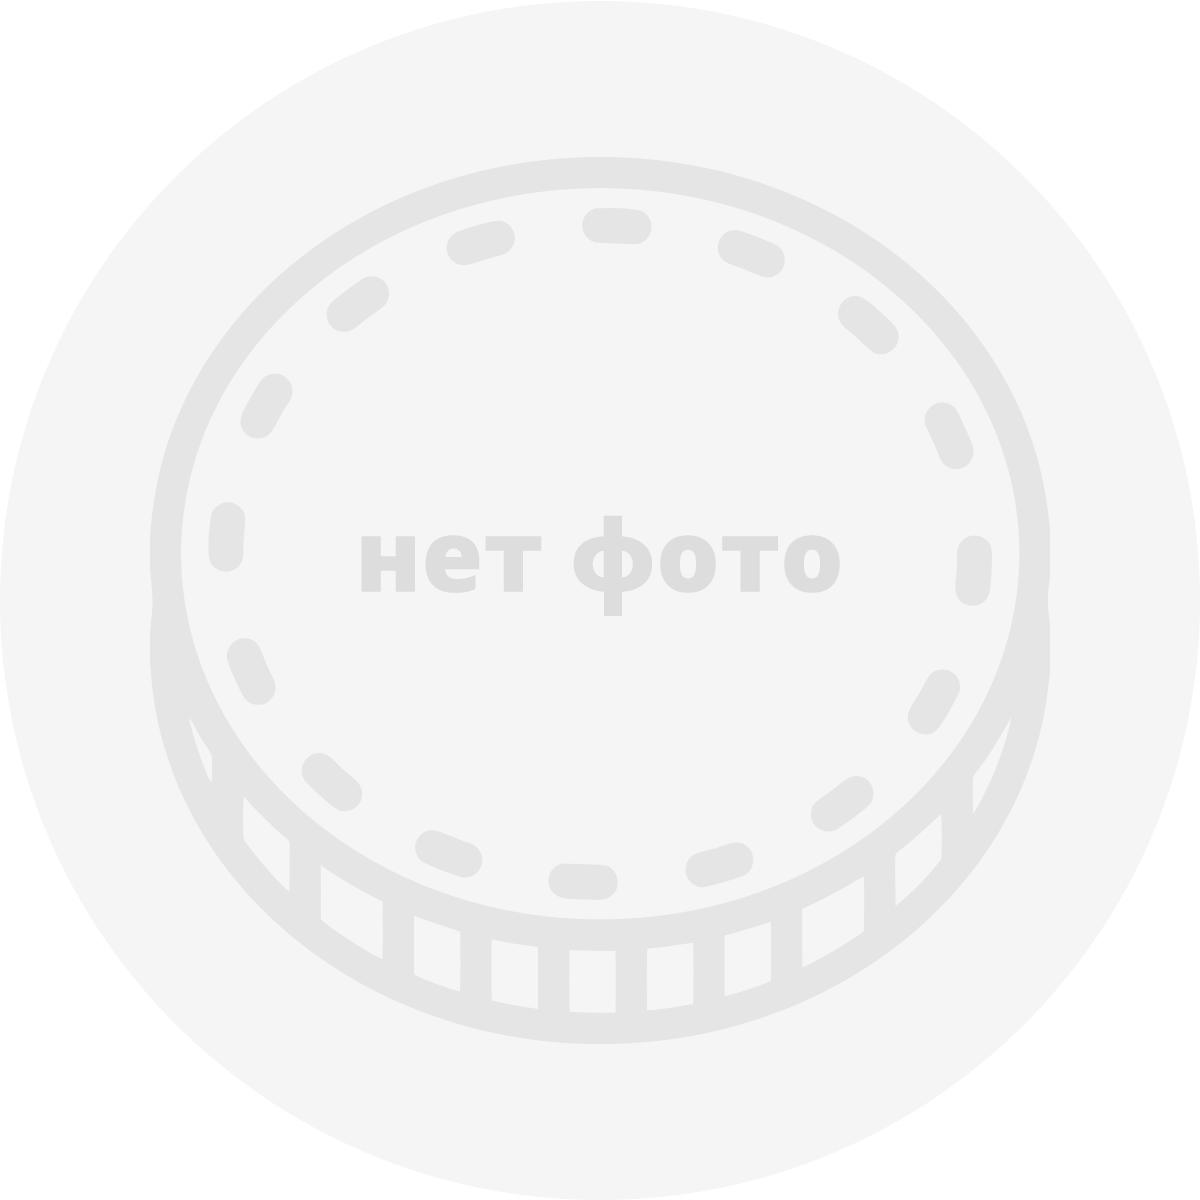 10 рублей «Грозный» из серии «Города воинской славы»